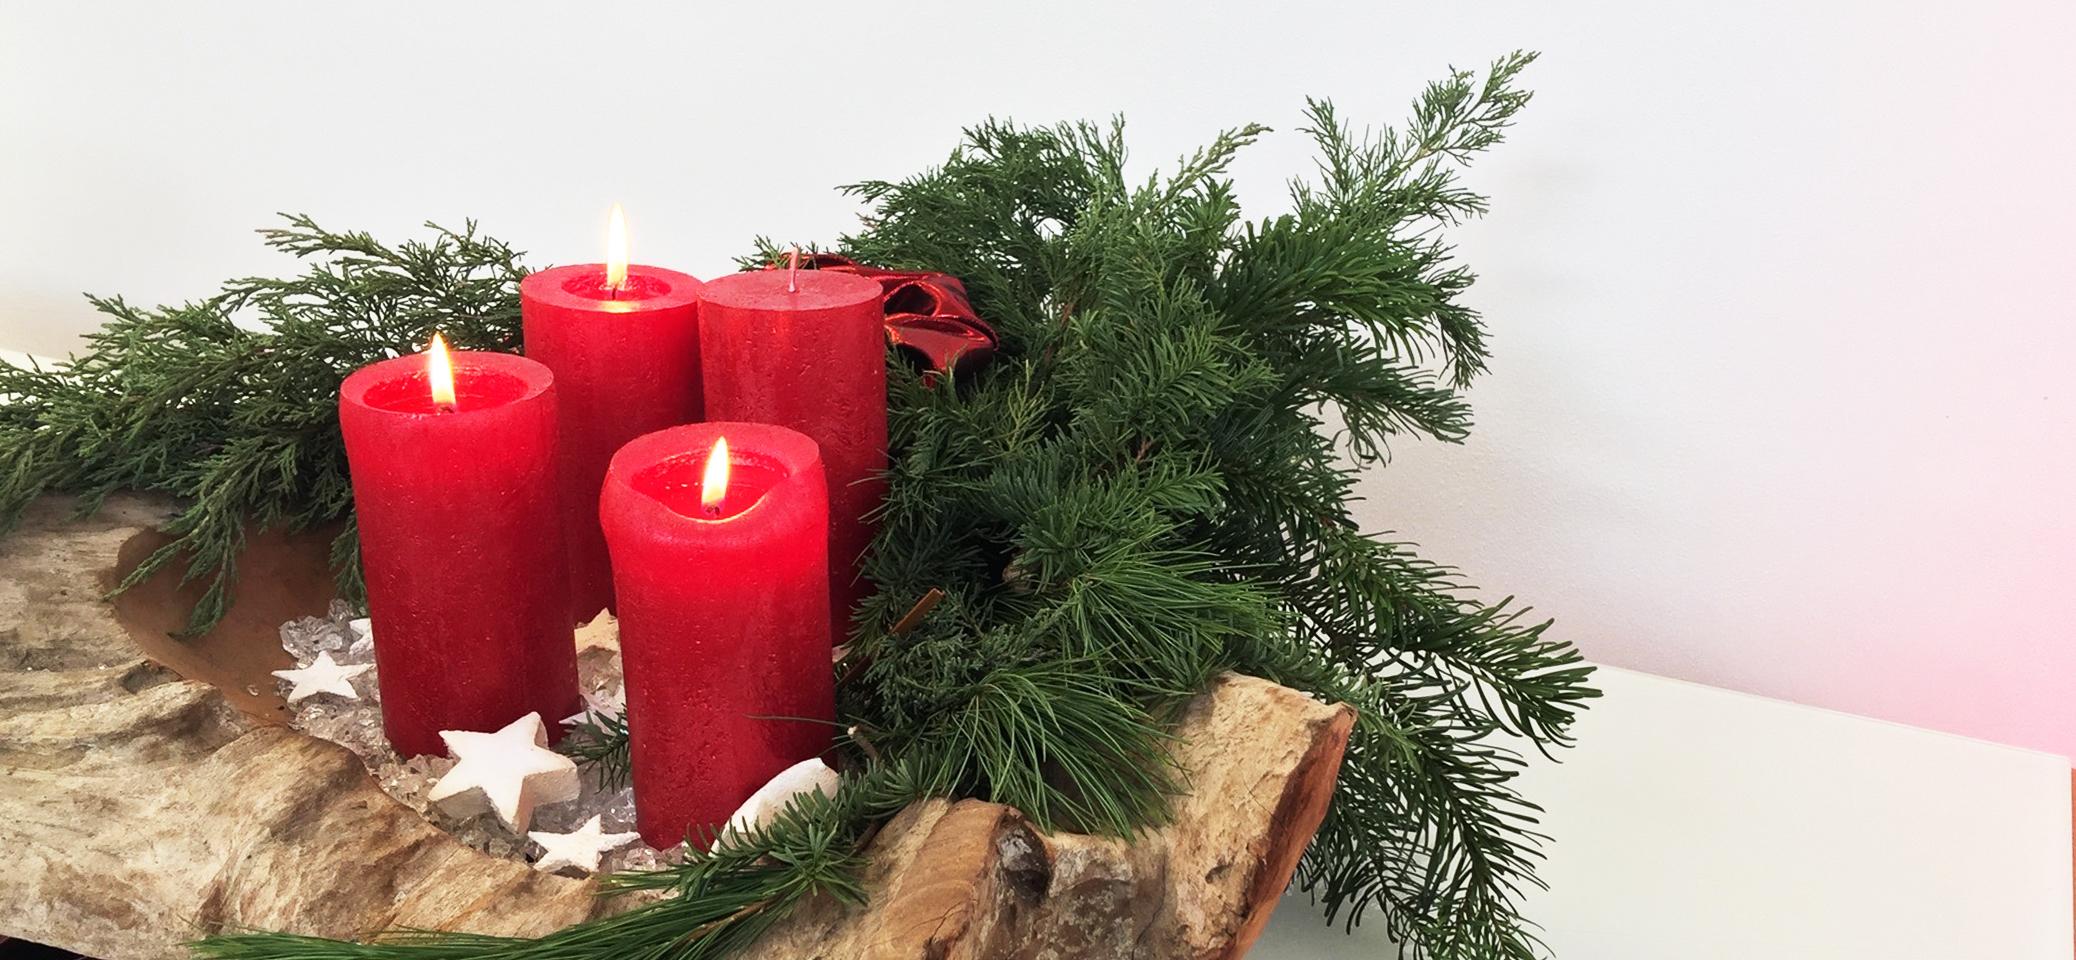 Herzliche Einladung zu unseren Weihnachts-Veranstaltungen!